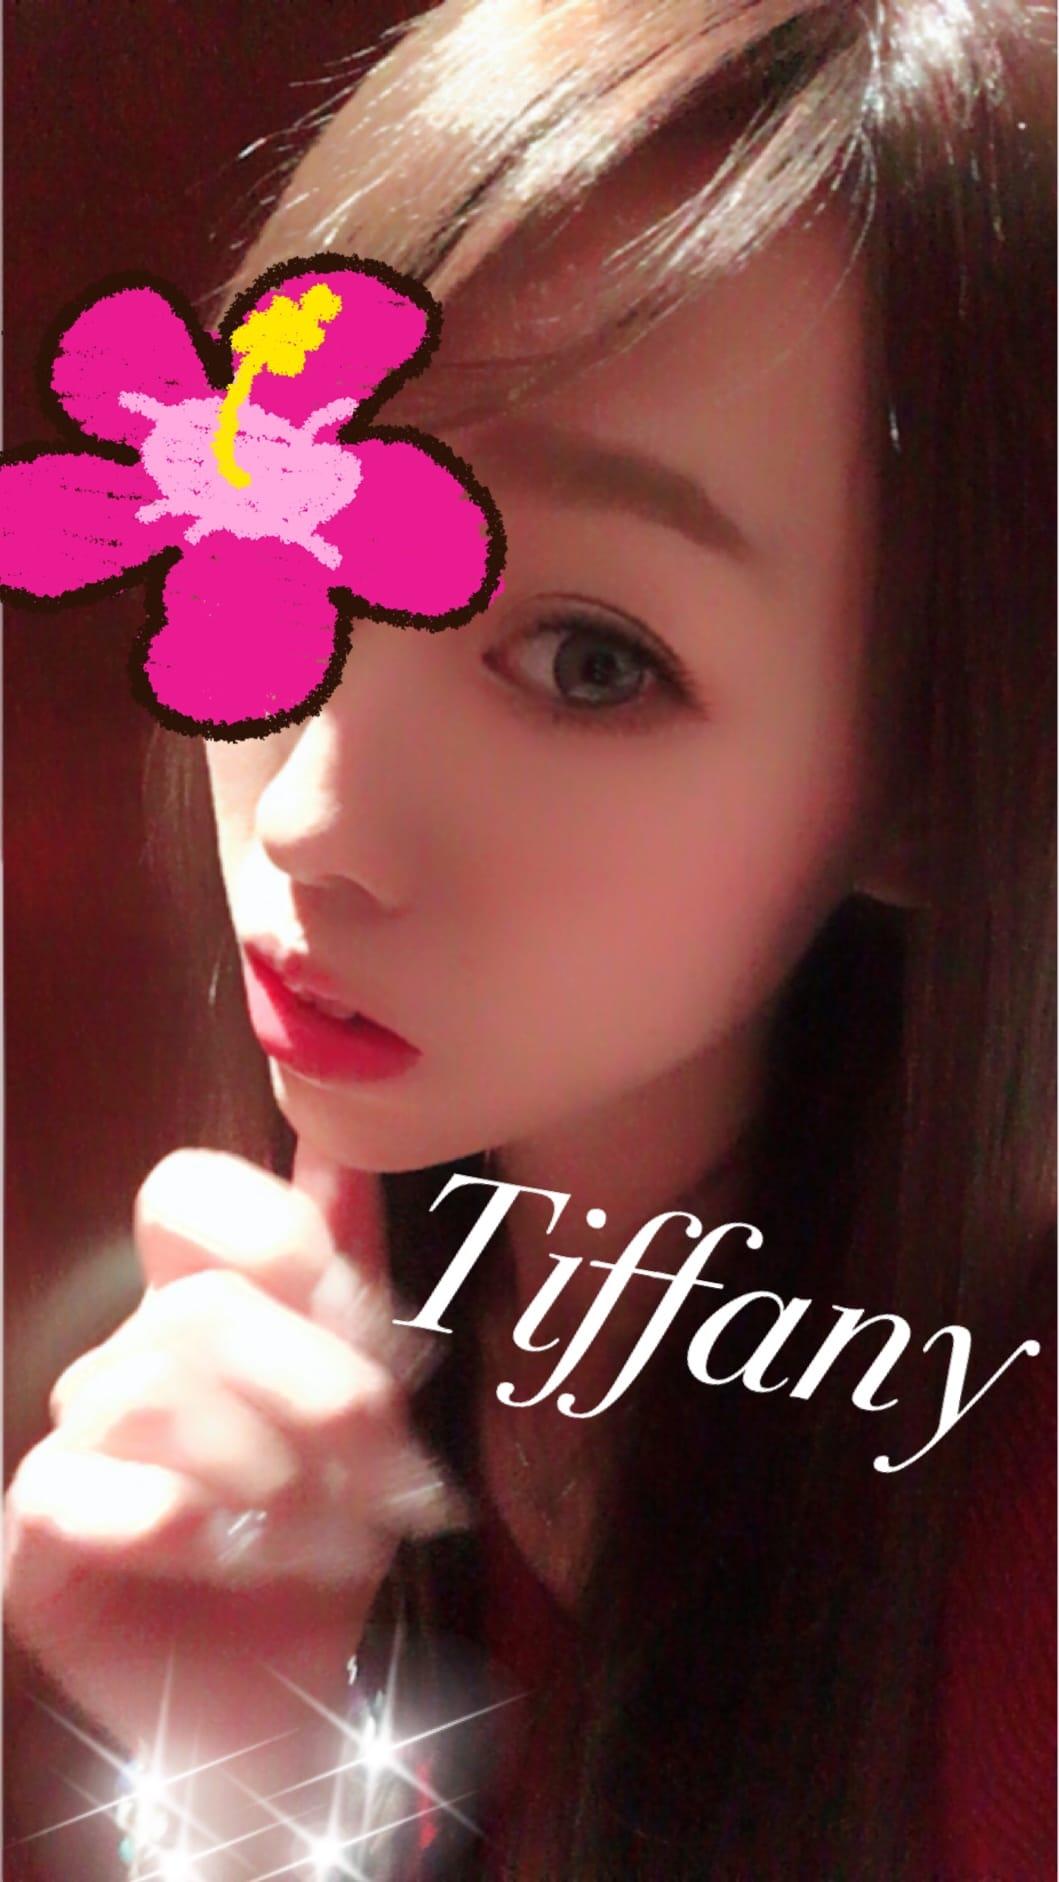 「【晴れですよ〜♪】」10/18(10/18) 09:09 | ティファニーの写メ・風俗動画